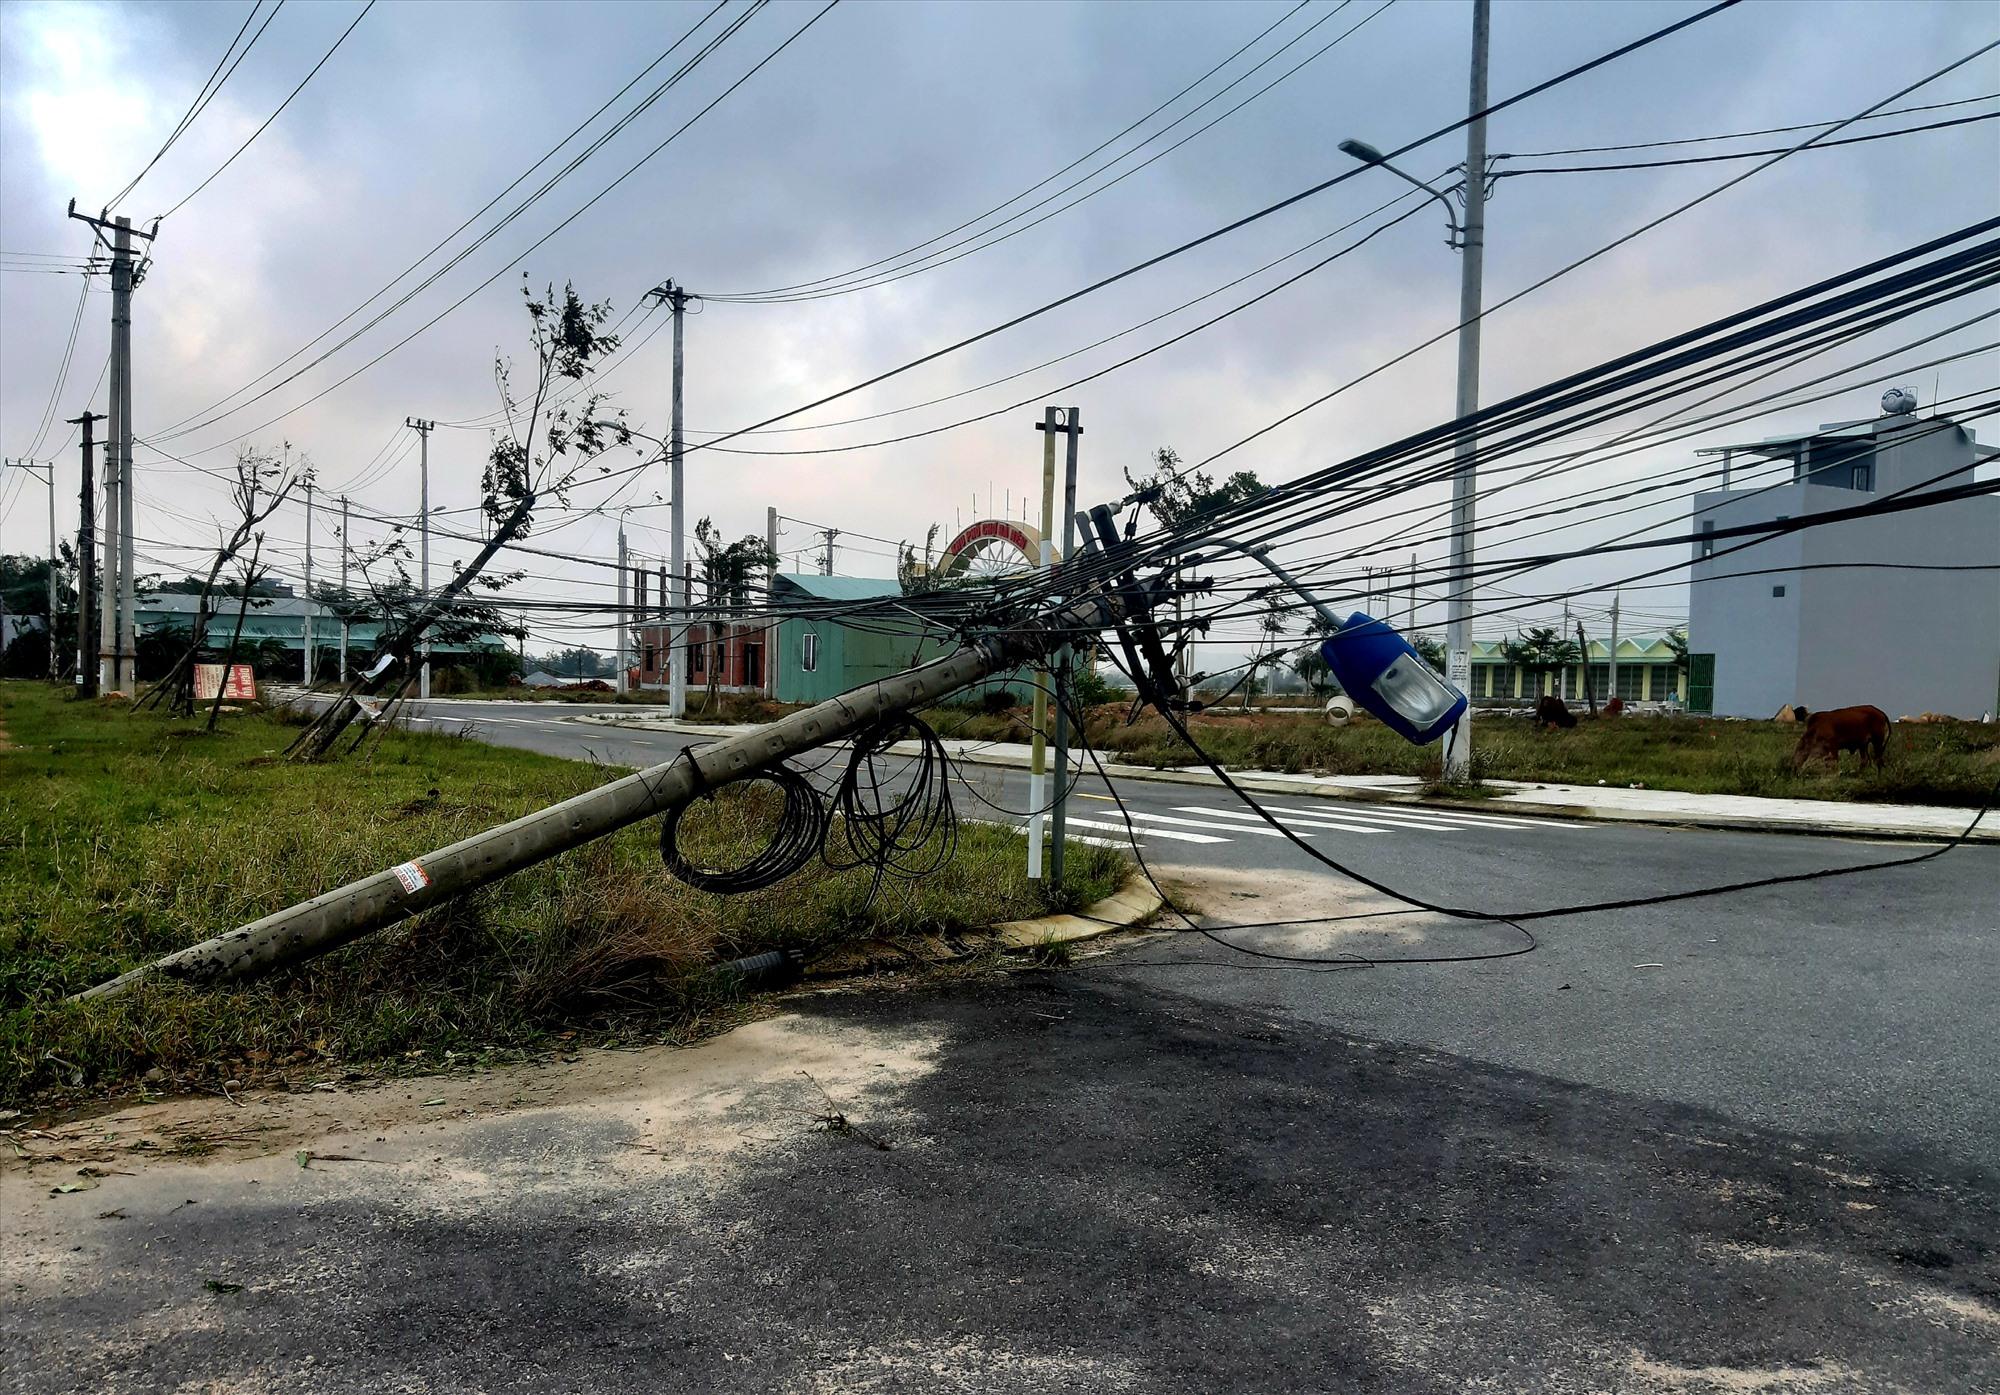 Tính đến cuối giờ chiều 29.10, hệ thống điện ở nhiều nơi của huyện Quế Sơn vẫn chưa thể khắc phục. Ảnh: S.T